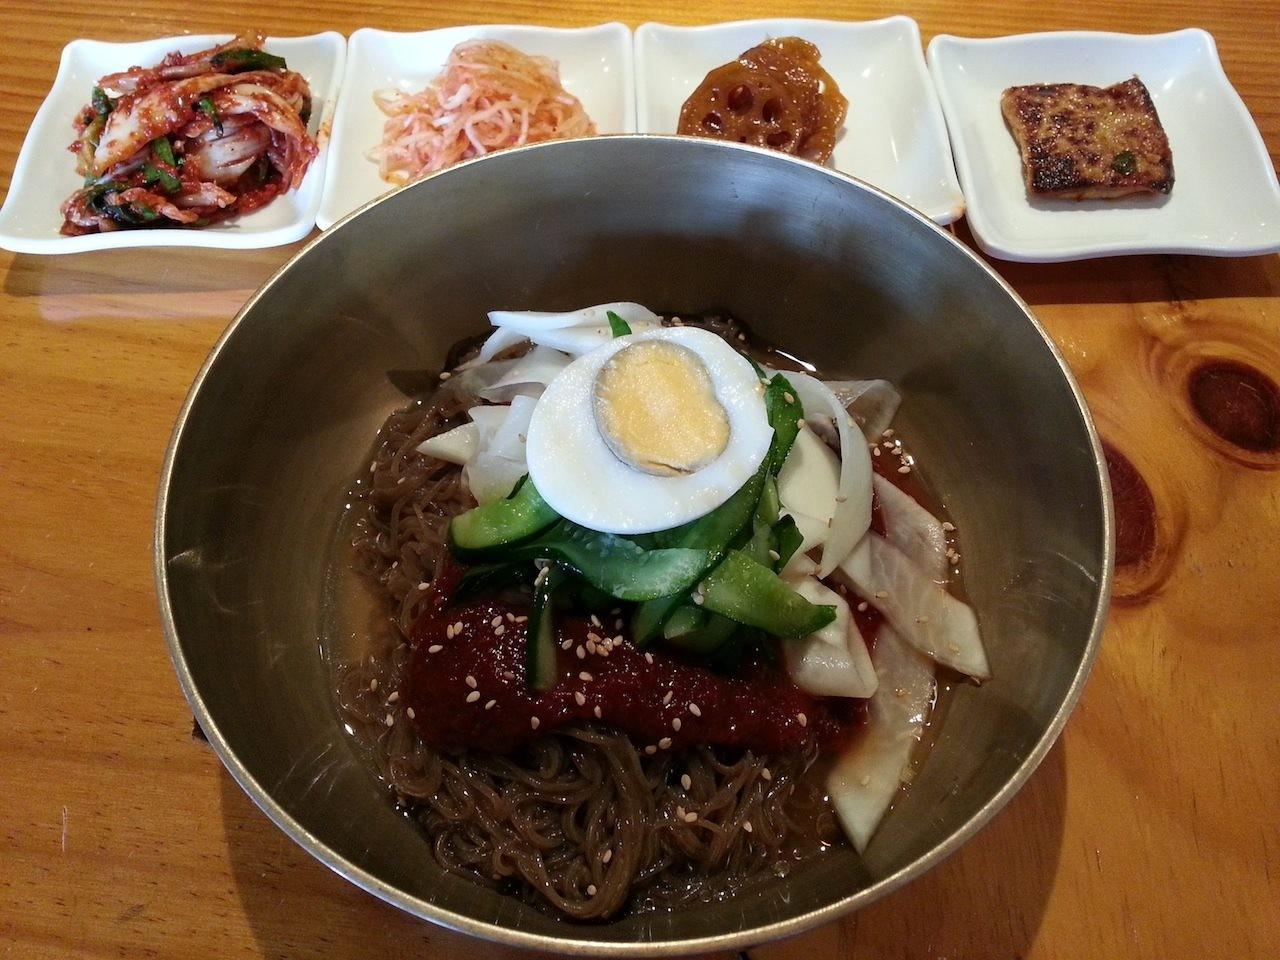 一昨日、リニューアルオープンすた大使館でビビン冷麺ニダ。短店も江戸の人も従業員は総入れ替え、シャベマコもないそうでつよ。 【2014年9月5日】